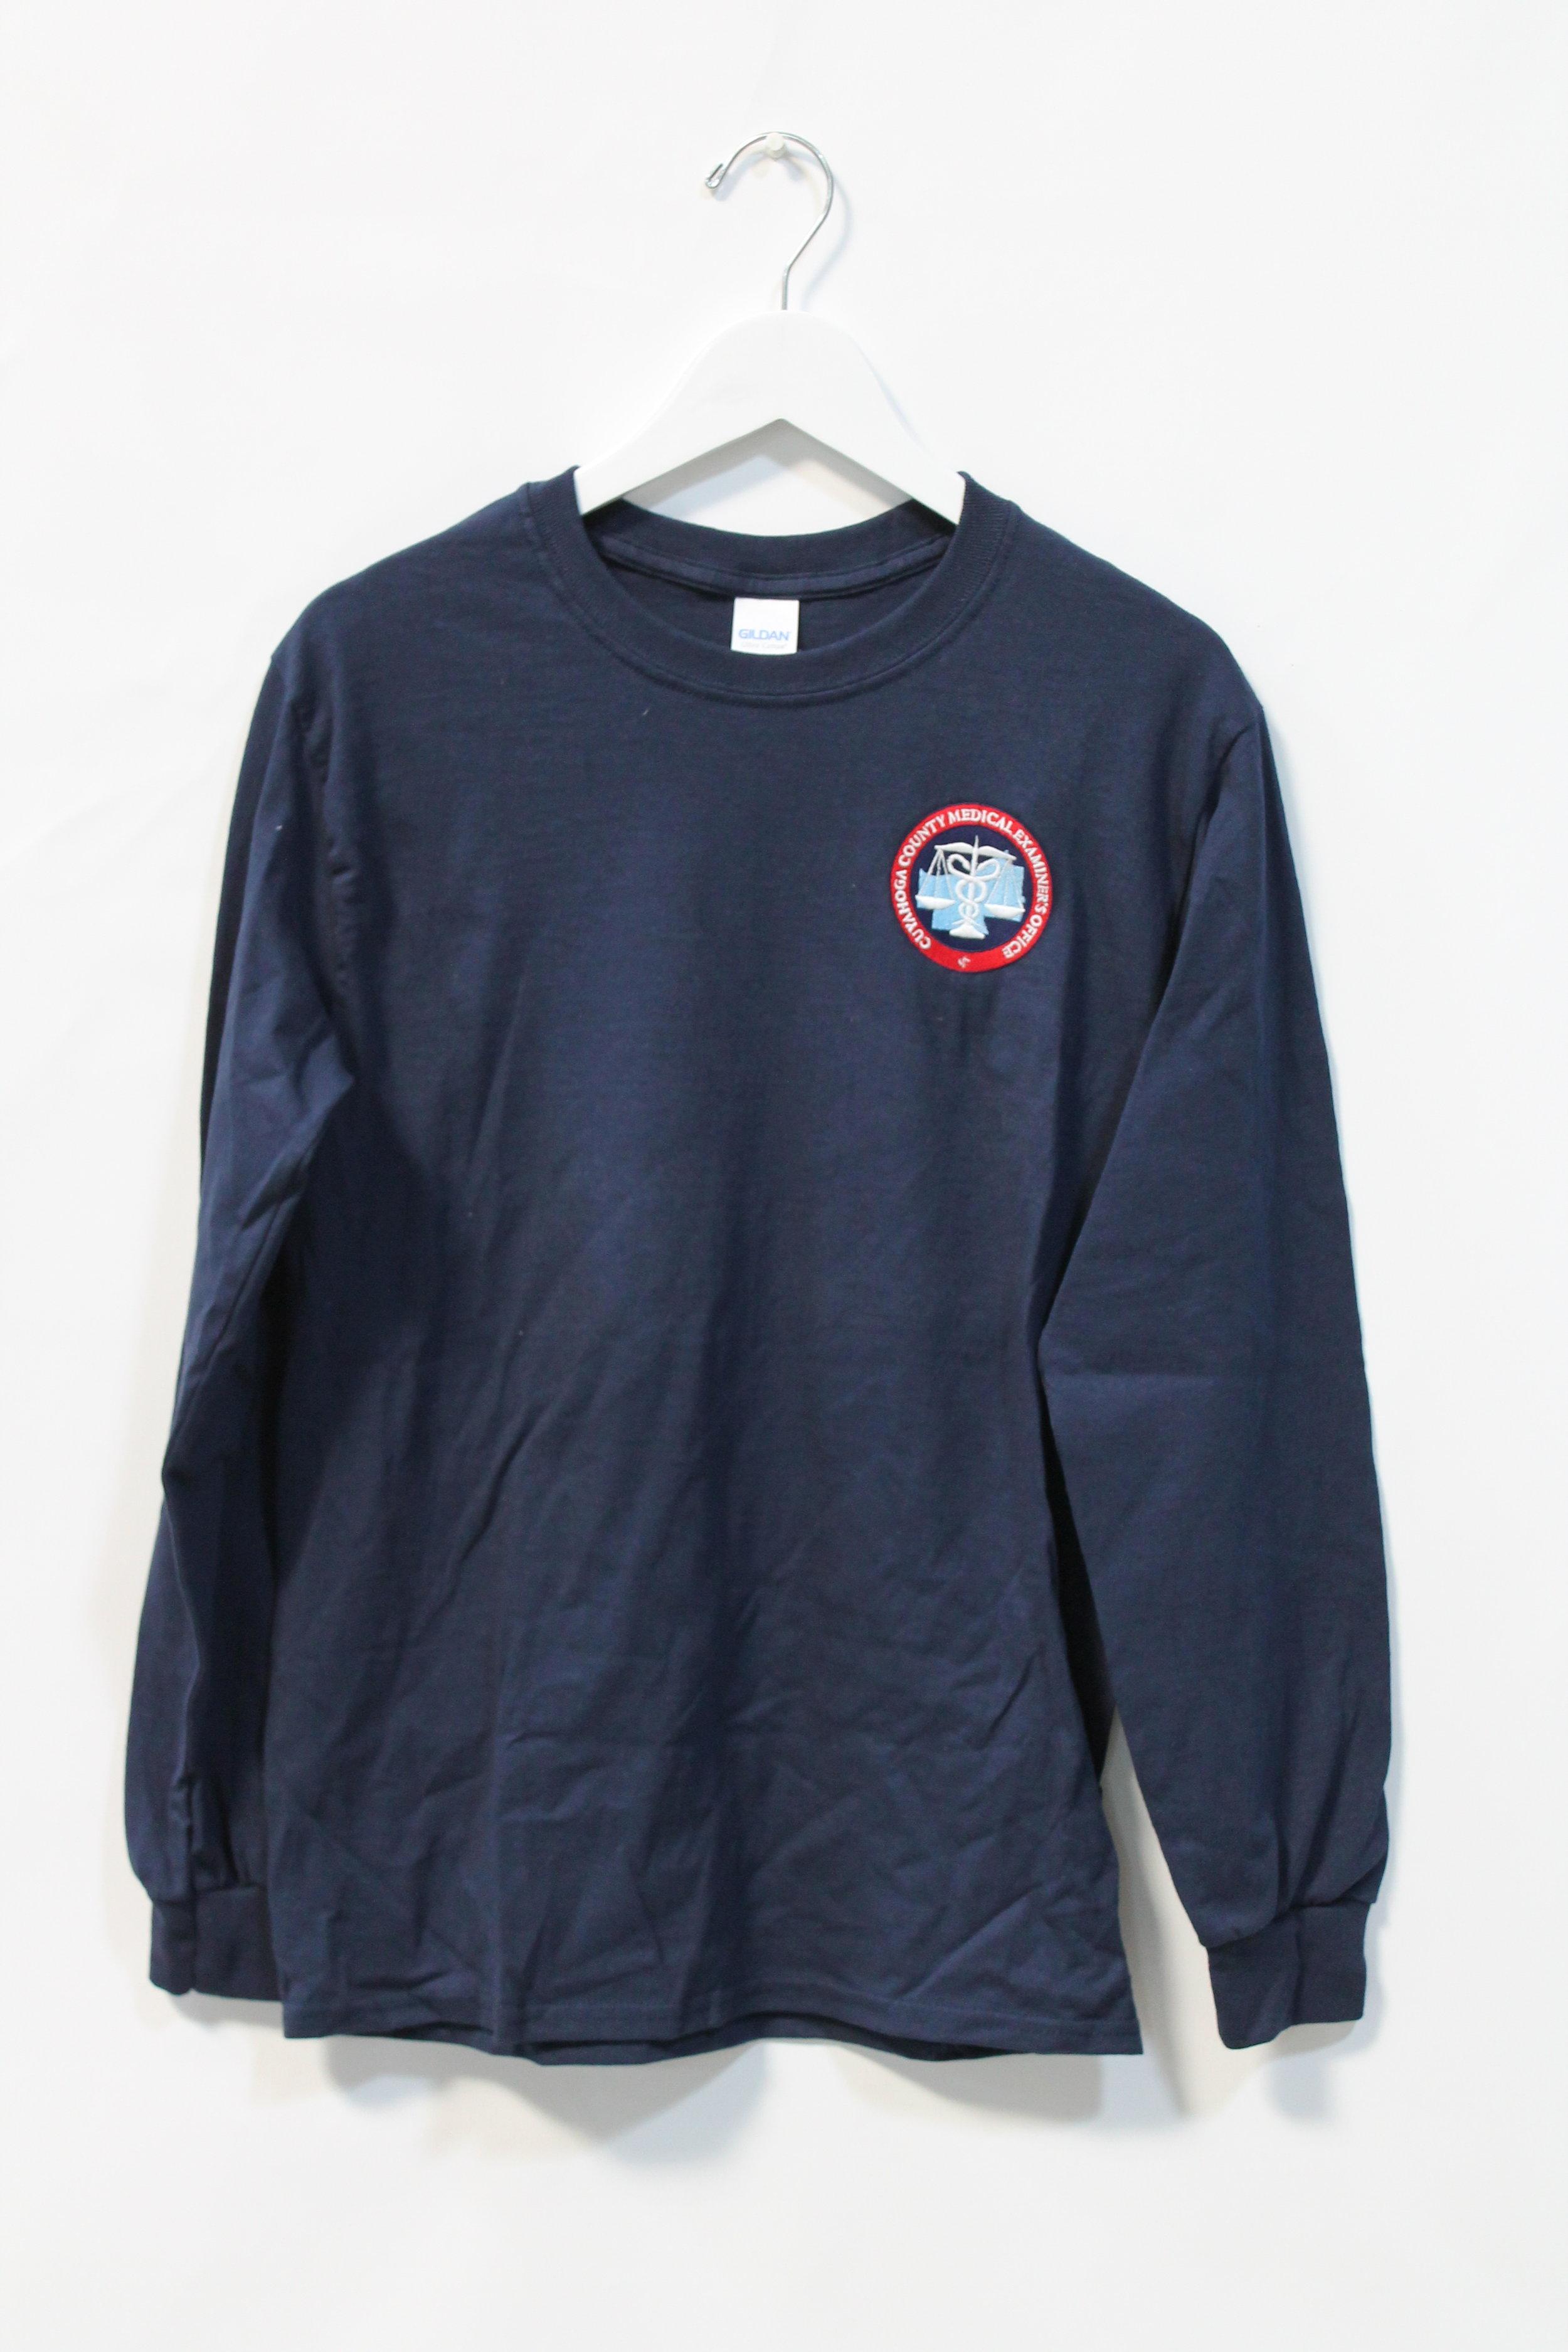 Medical_Examiners_Shirt.JPG